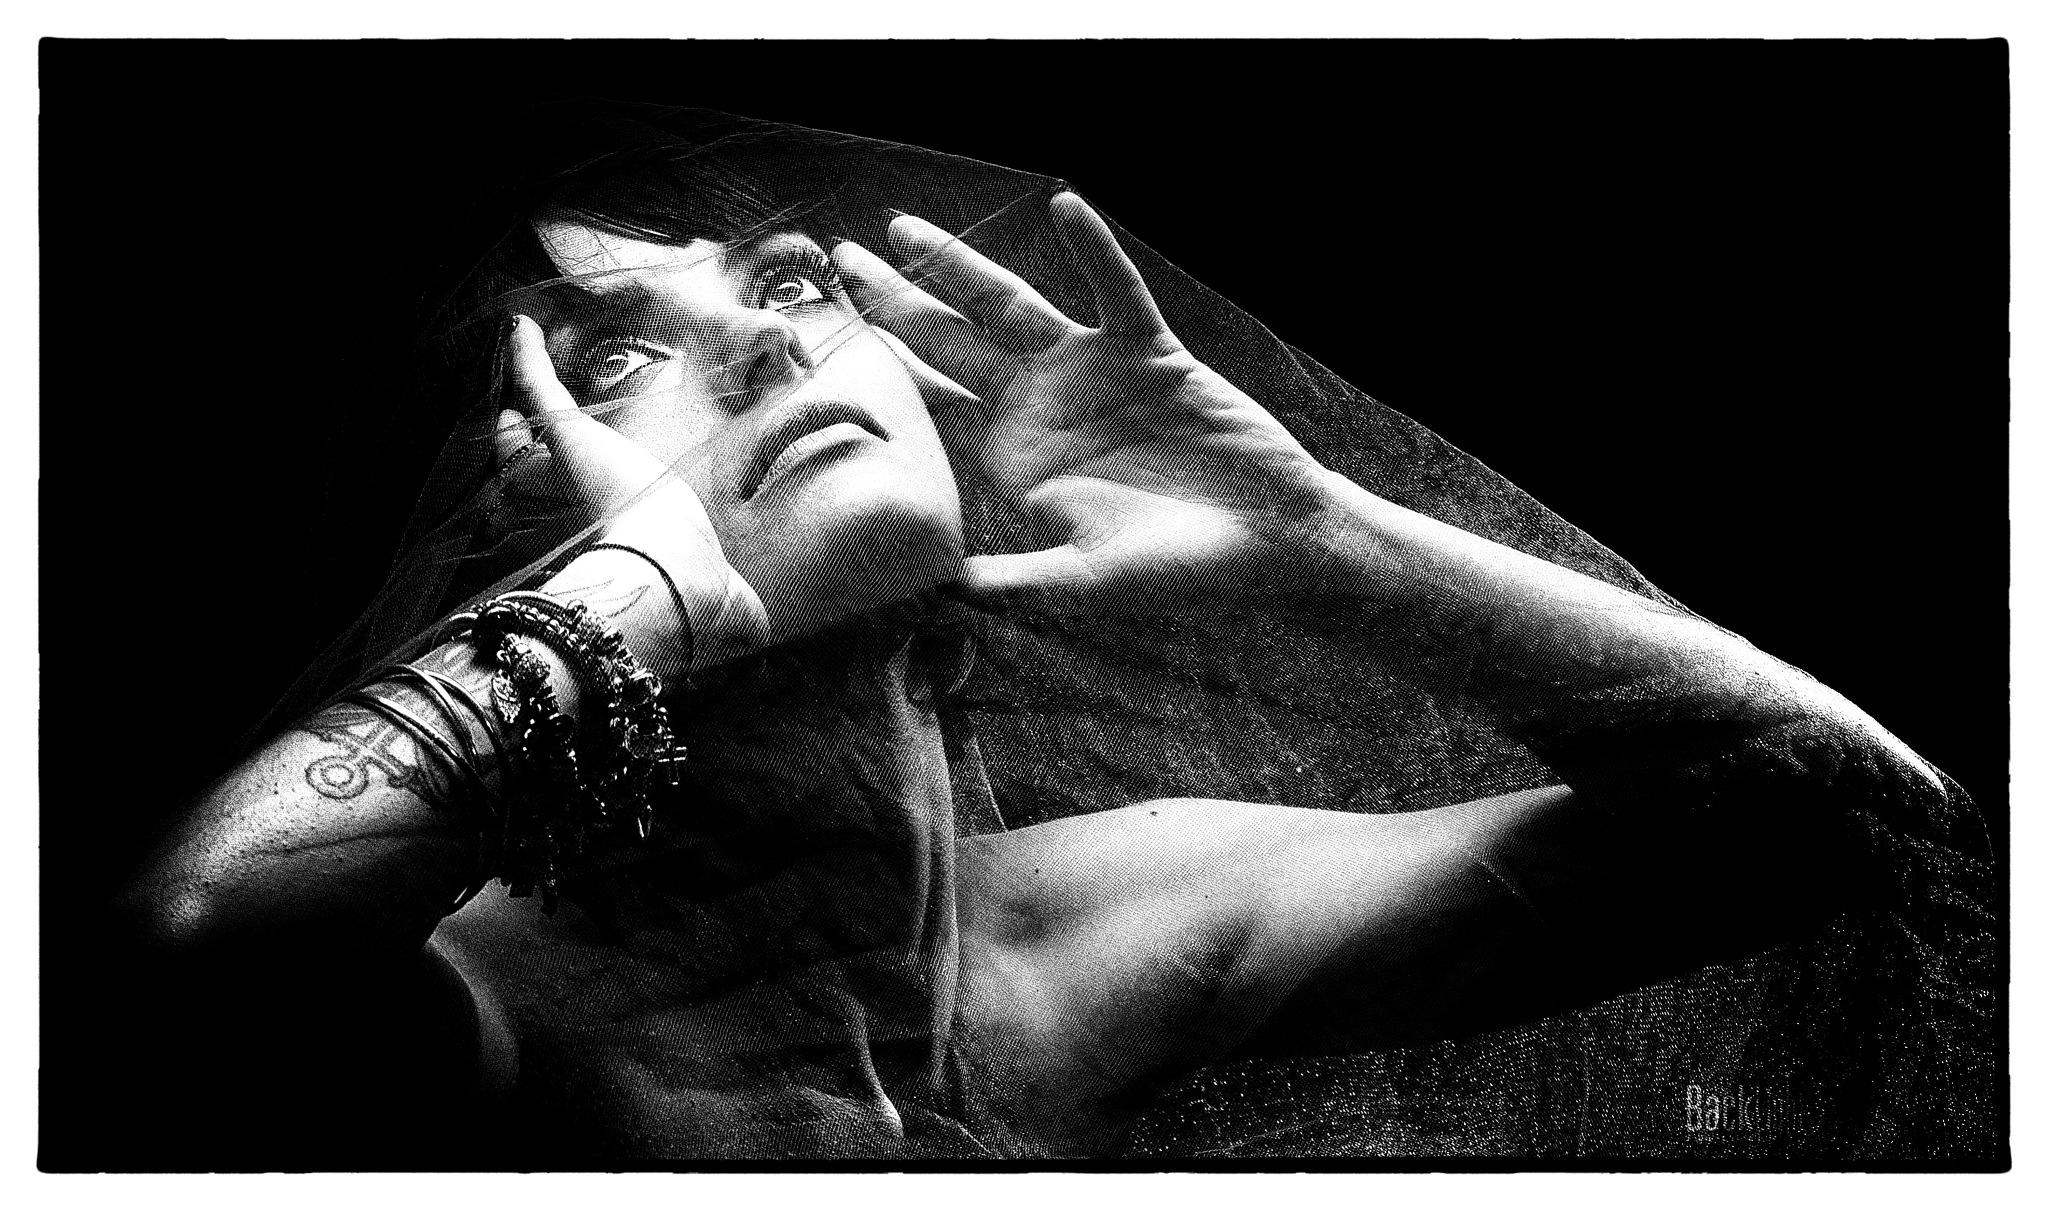 Ary portrait by Fabio Crimaldi